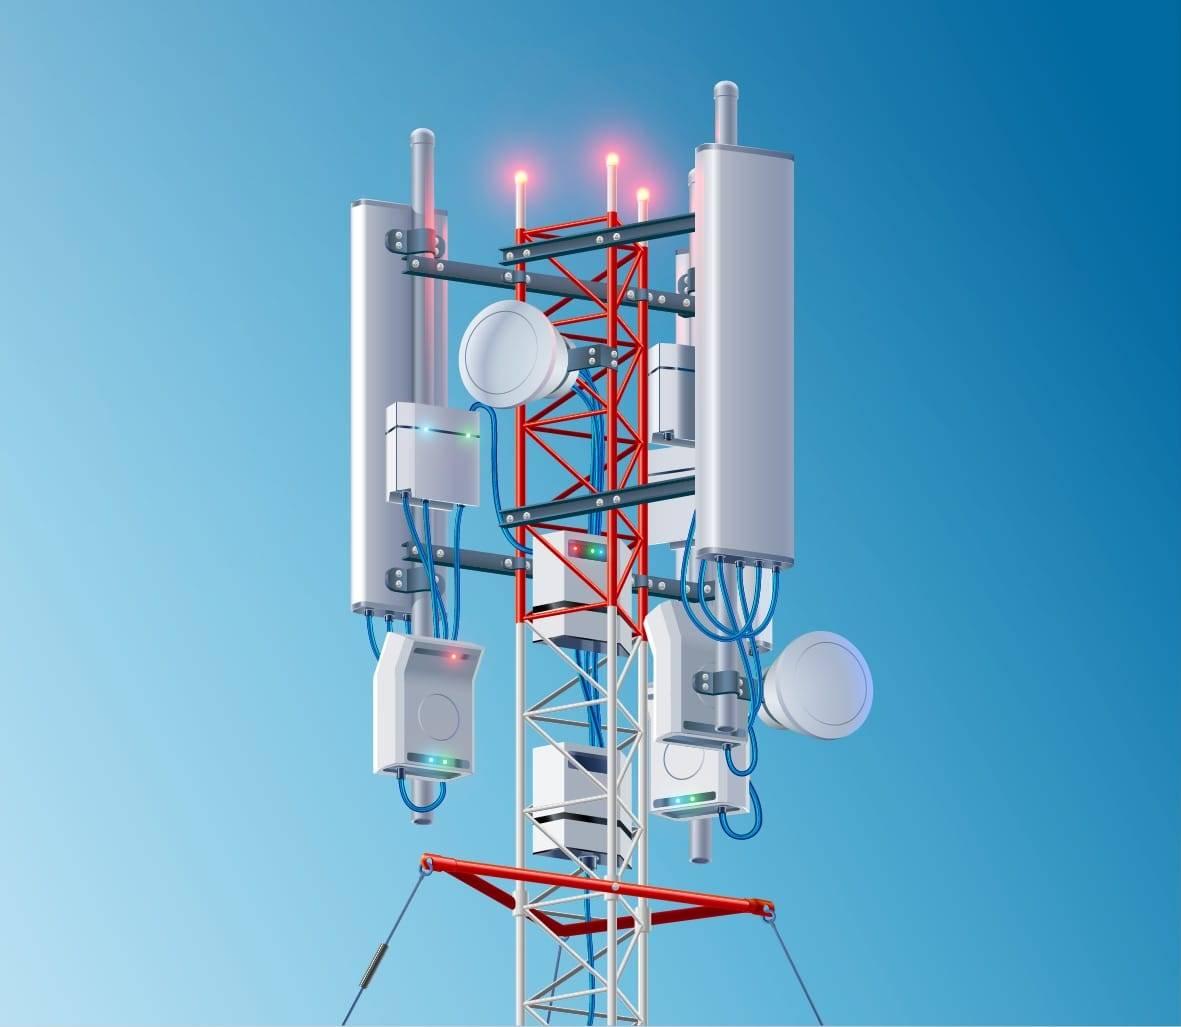 3G shutdown - Will your GPS tracker work?